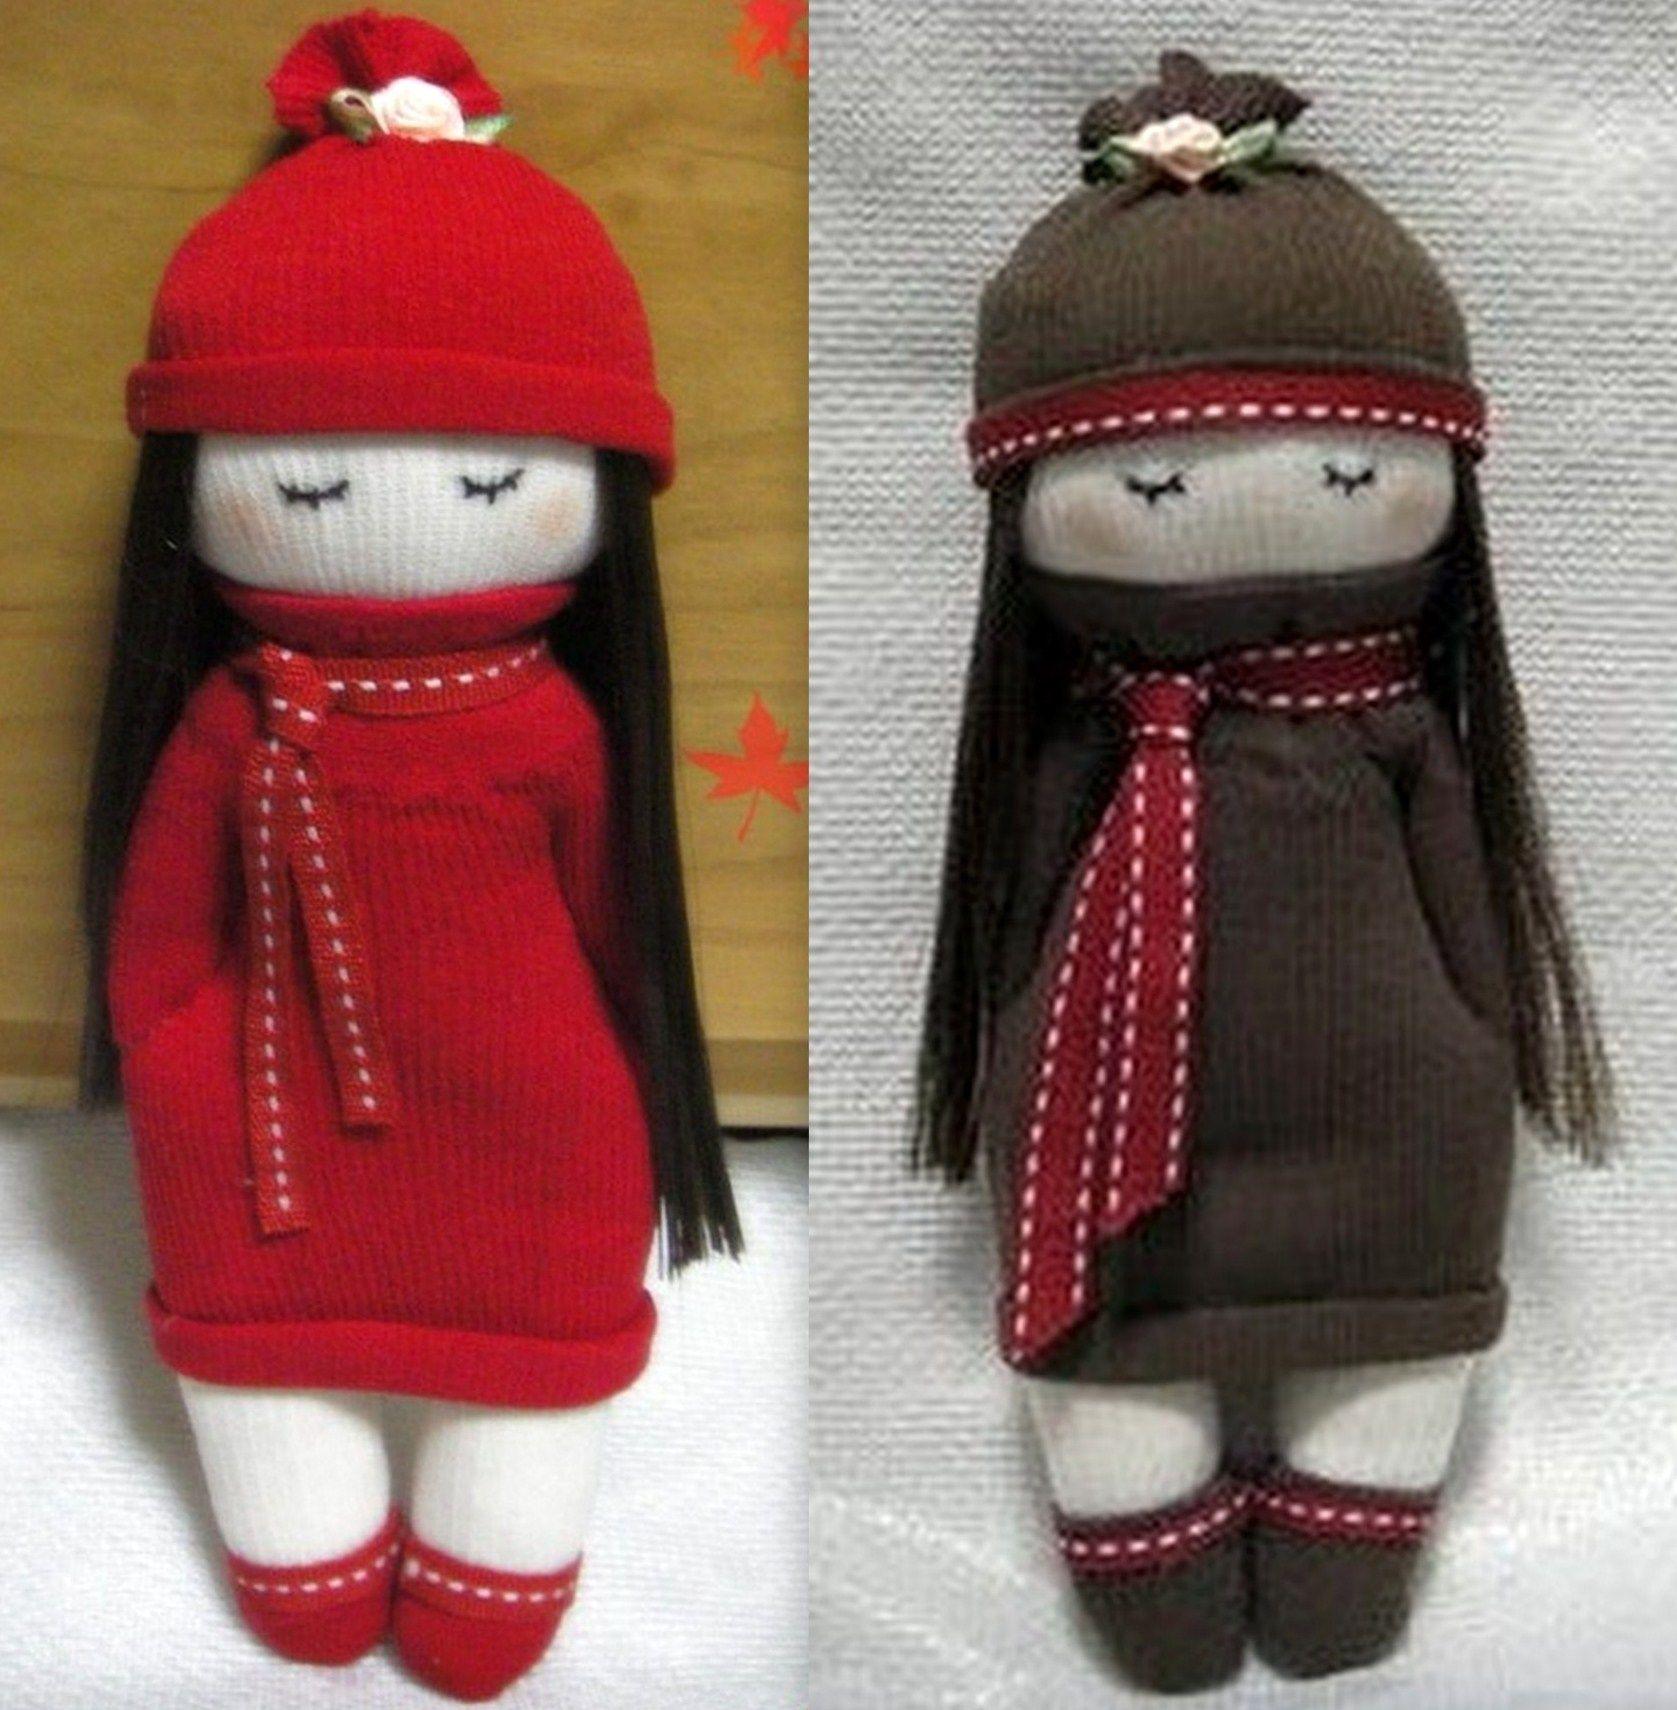 Super Faire une poupée mitaine ou poupée chaussette | Projets à essayer  CJ13